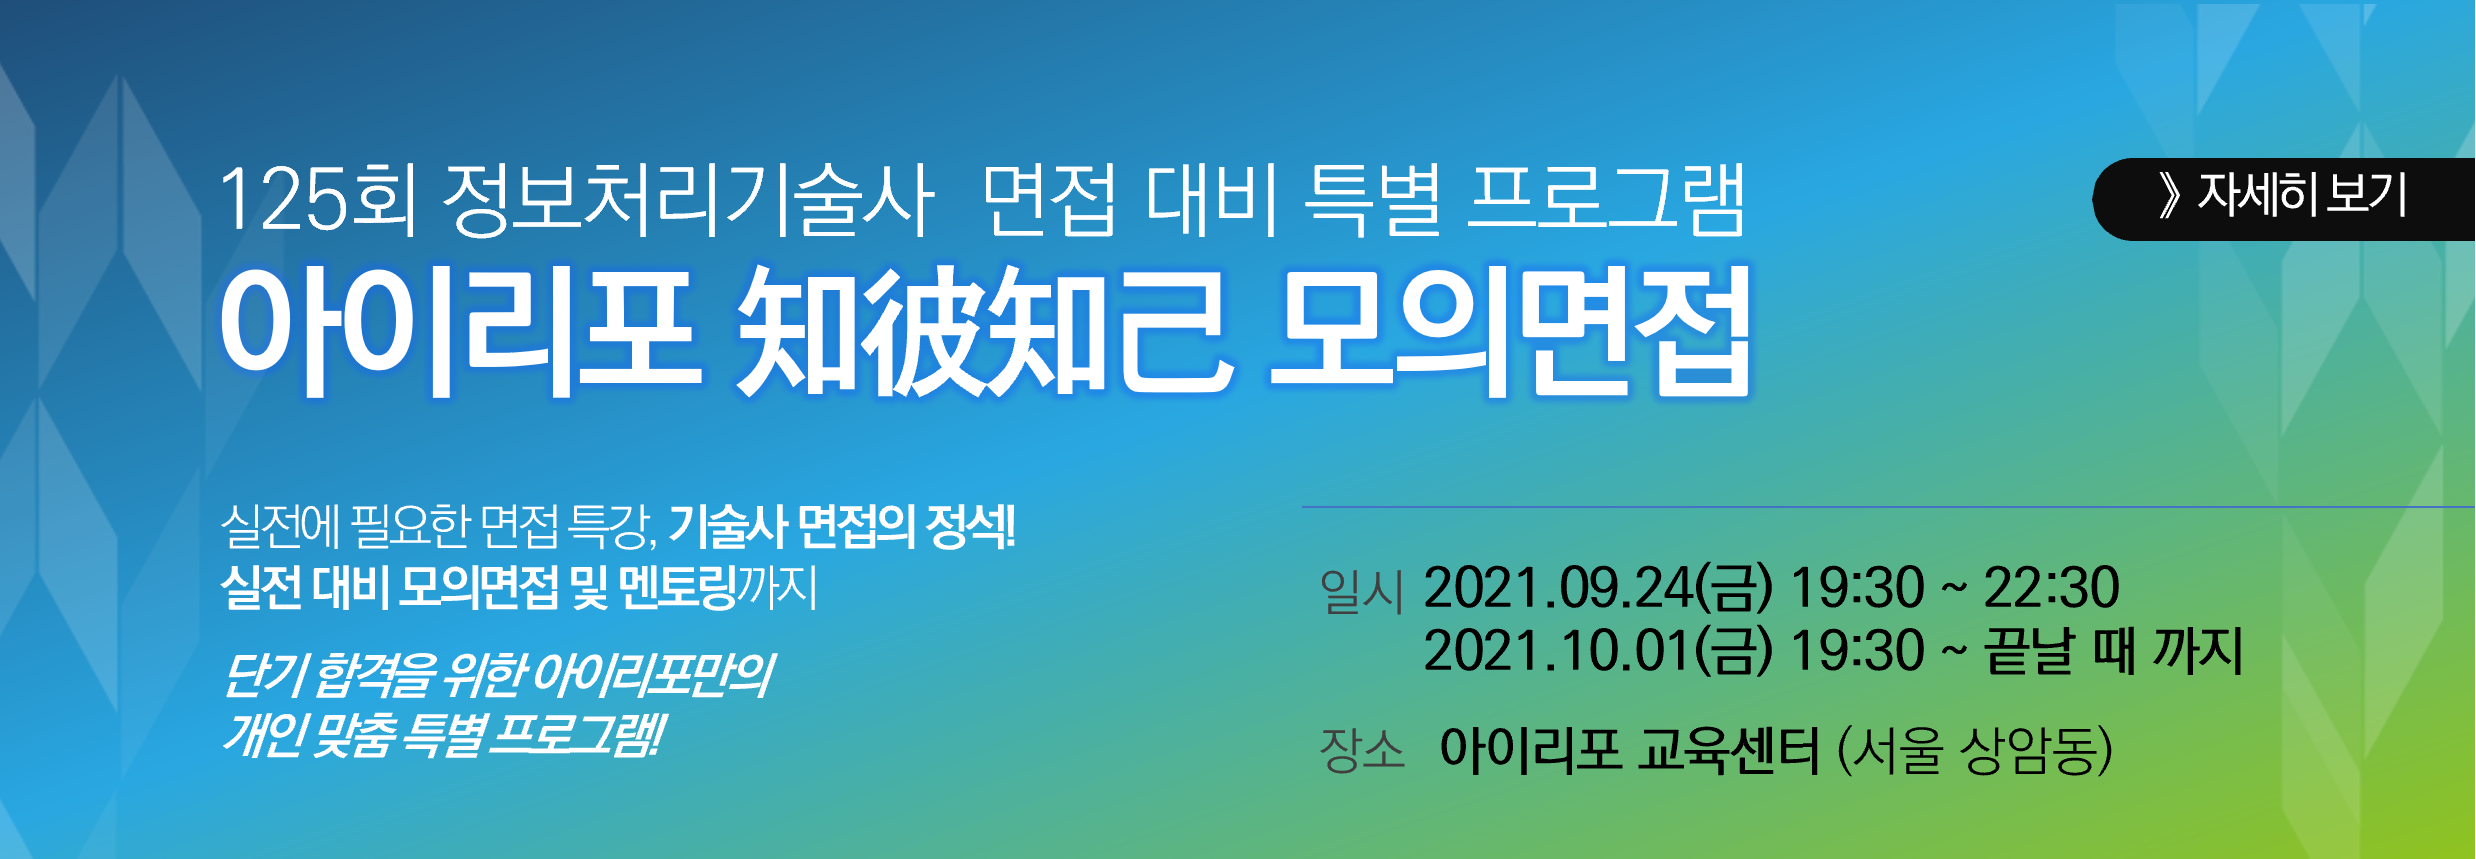 [모의면접] 125회 정보처리기술사 대비 모의면접